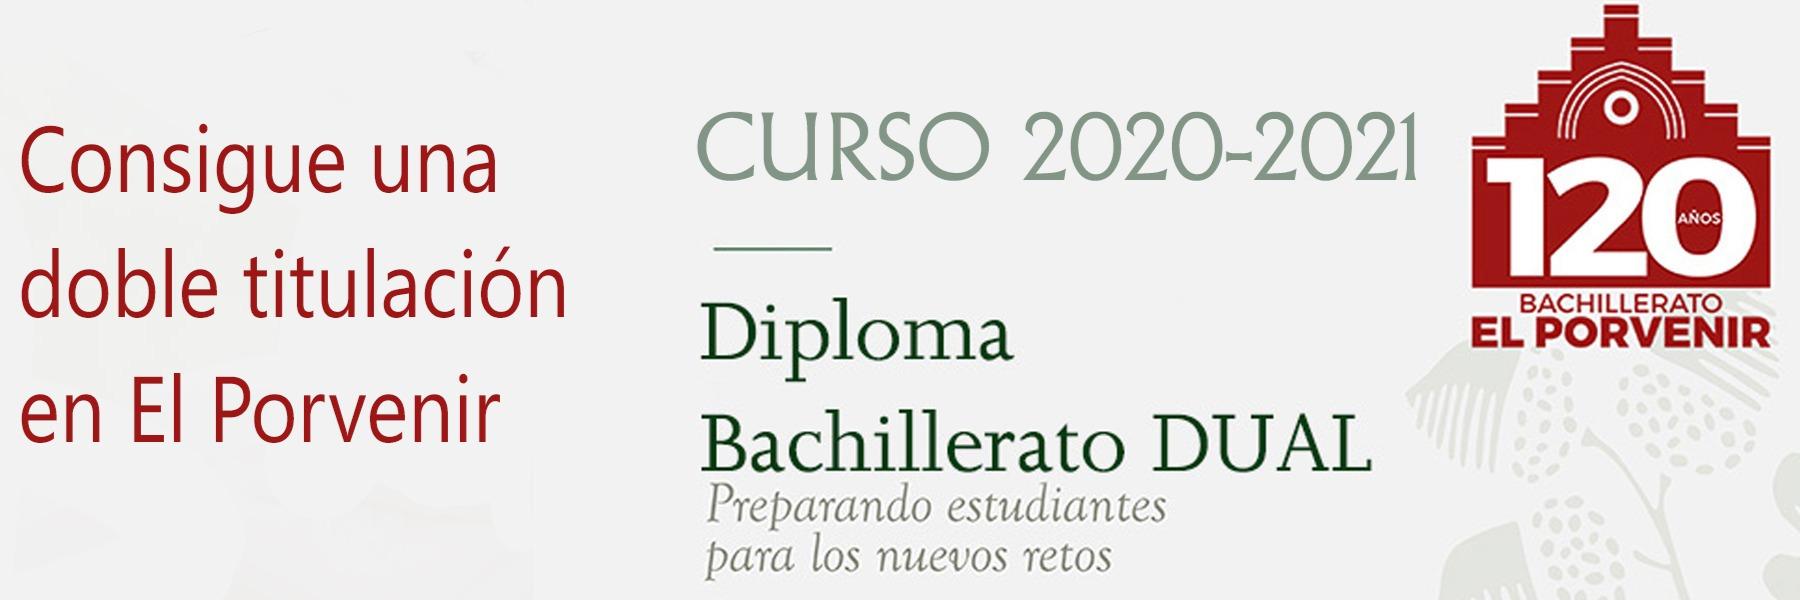 Por tercer curso consecutivo, ofrecemos cursar el Bachillerato Dual Americano a nuestros alumnos